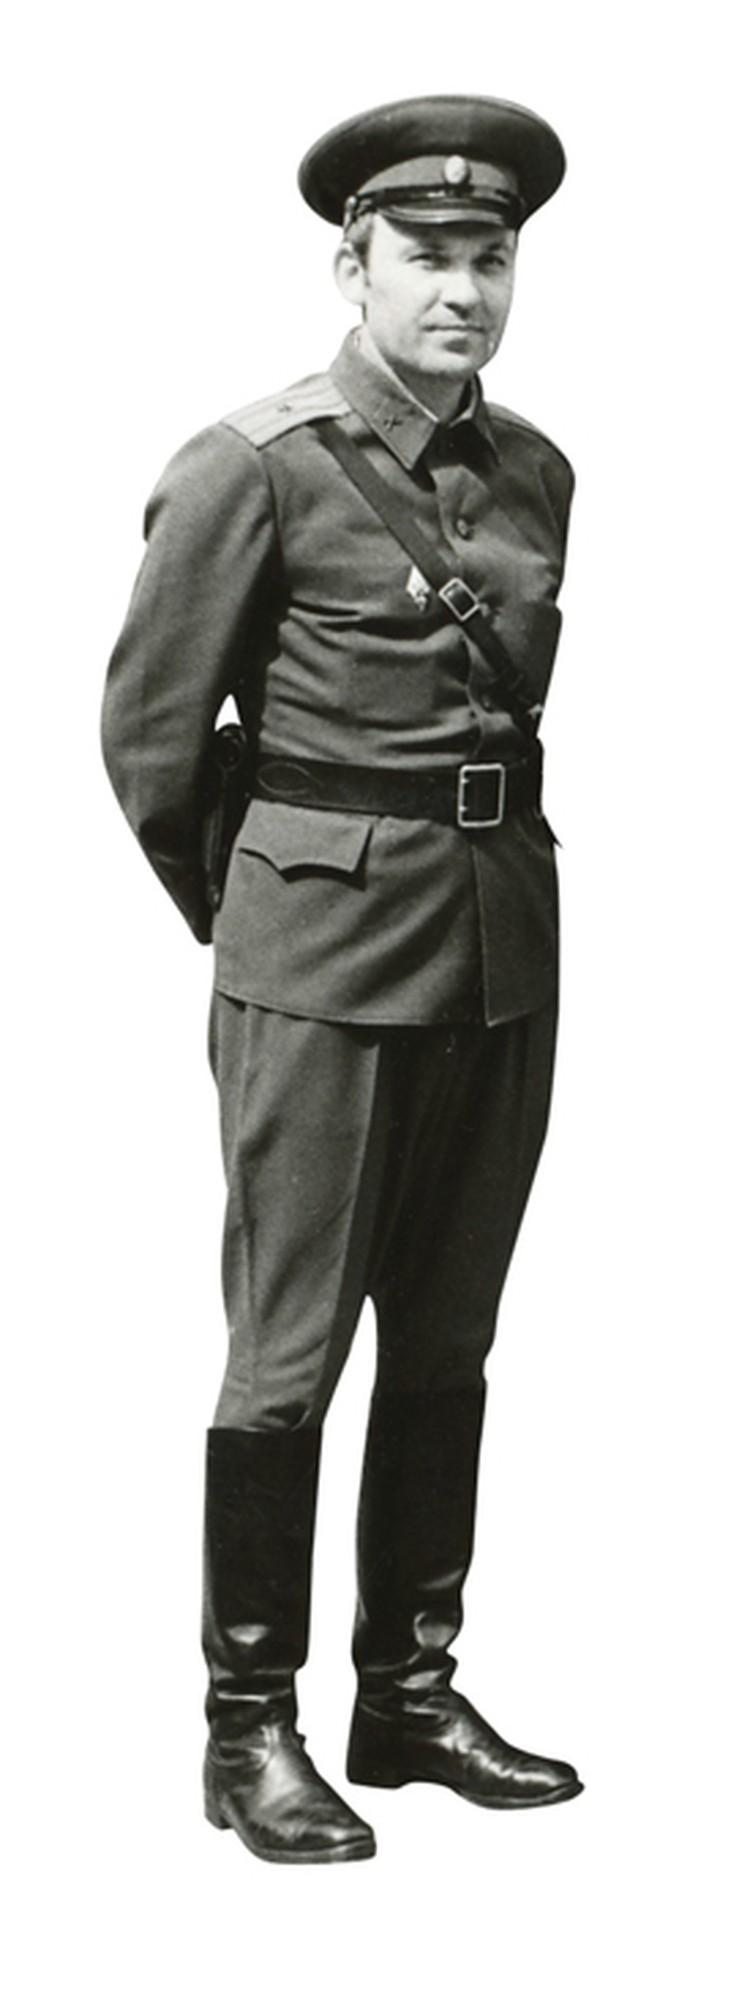 Вот таким бравым майором будущий военный обозреватель «КП» отправился на афганскую войну.